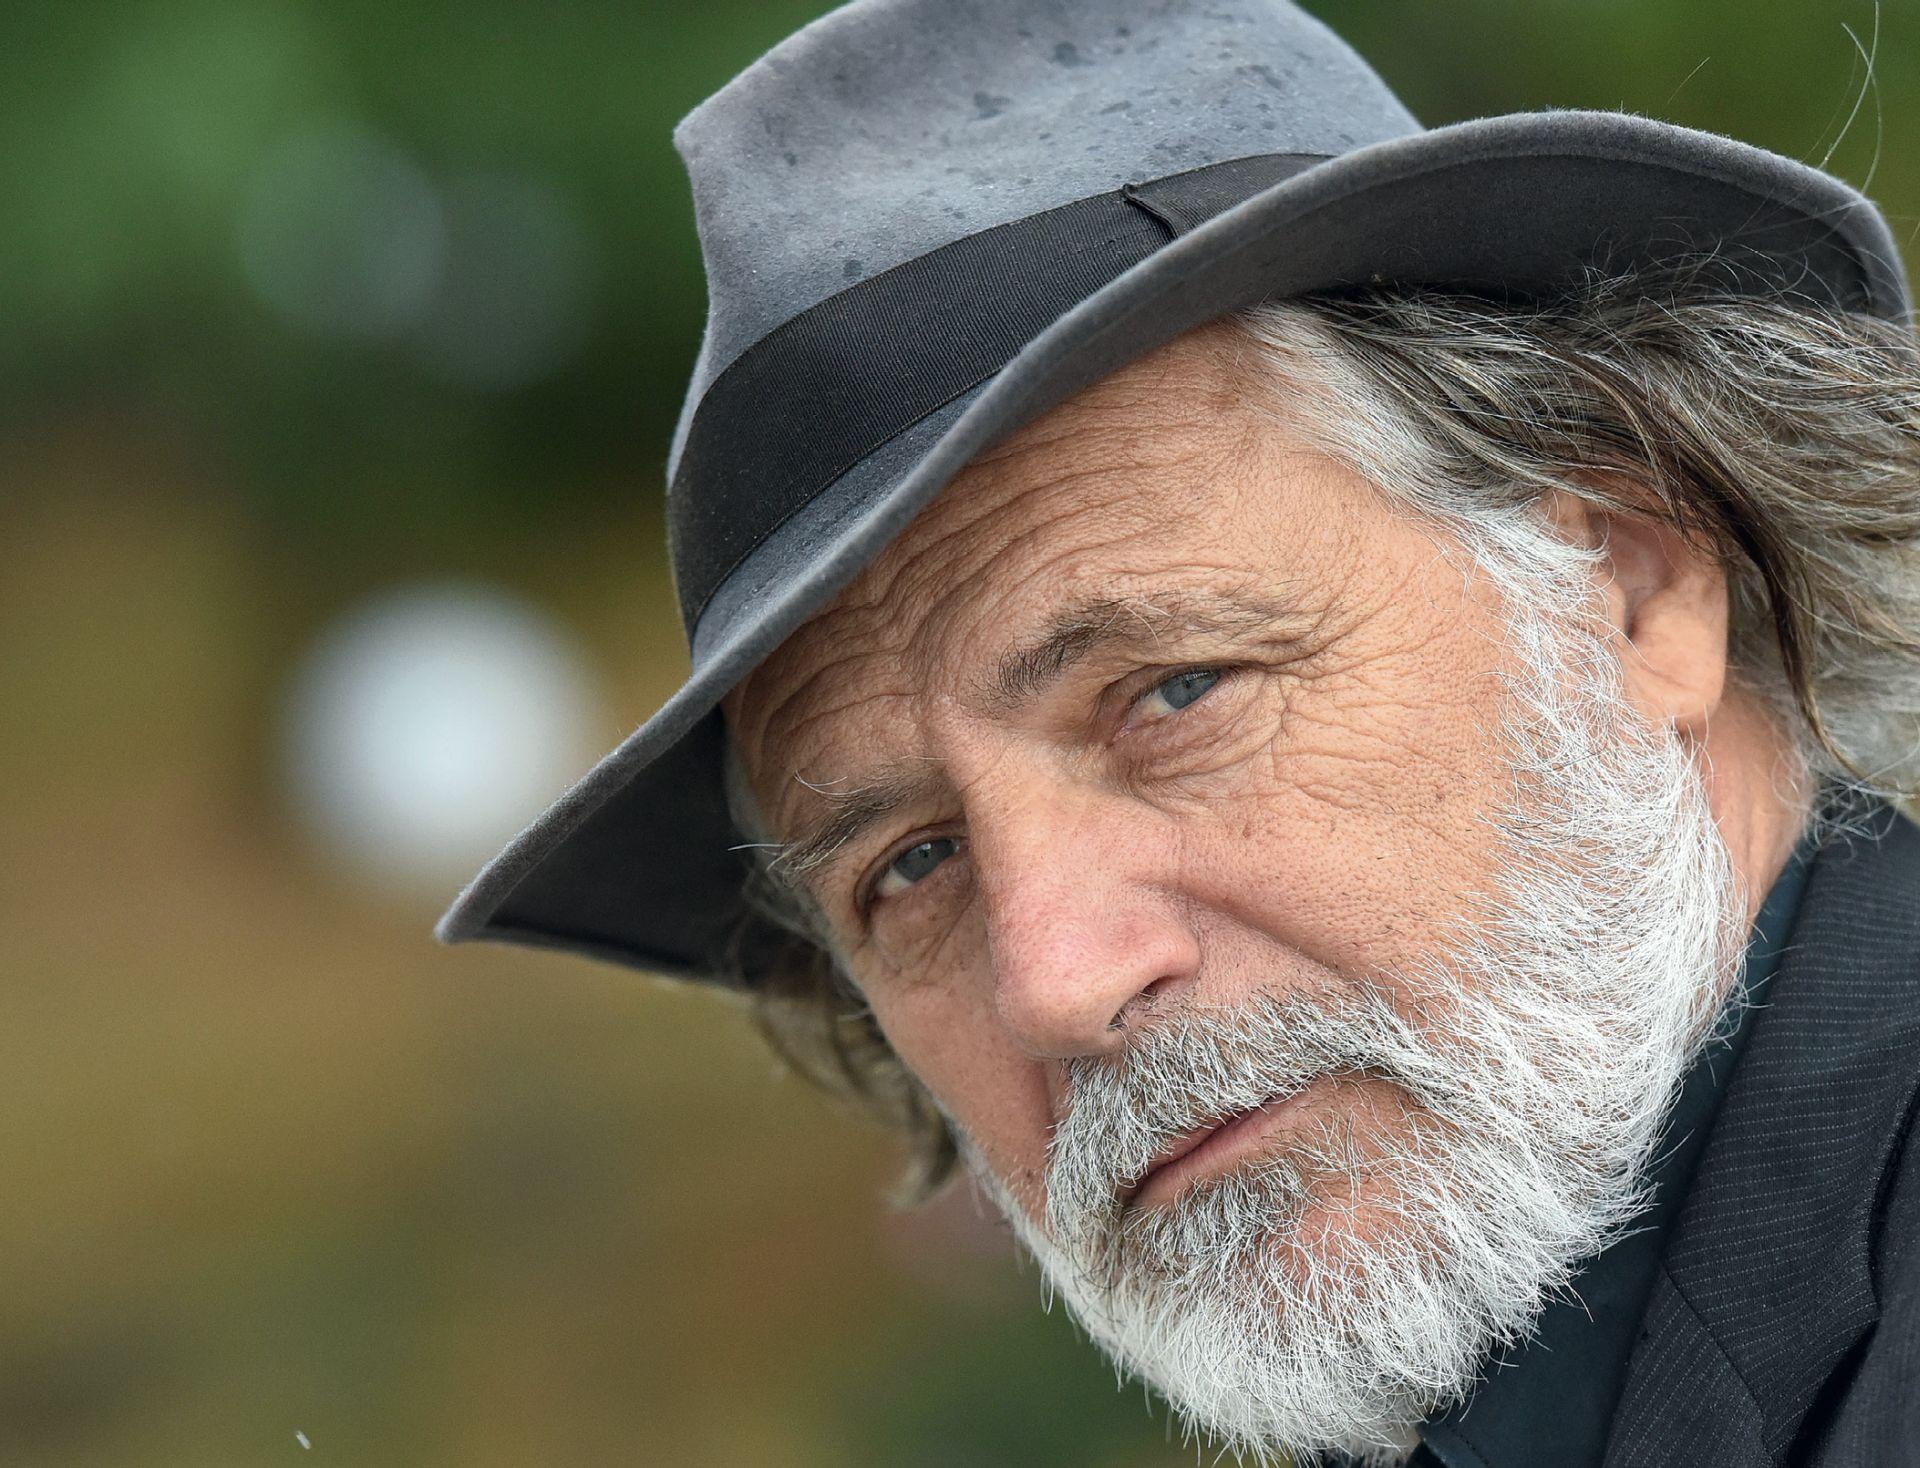 INTERVIEW: RADE ŠERBEDŽIJA 'Kroz Hasanbegovića su neki ljudi htjeli promovirati nacističke ideje'